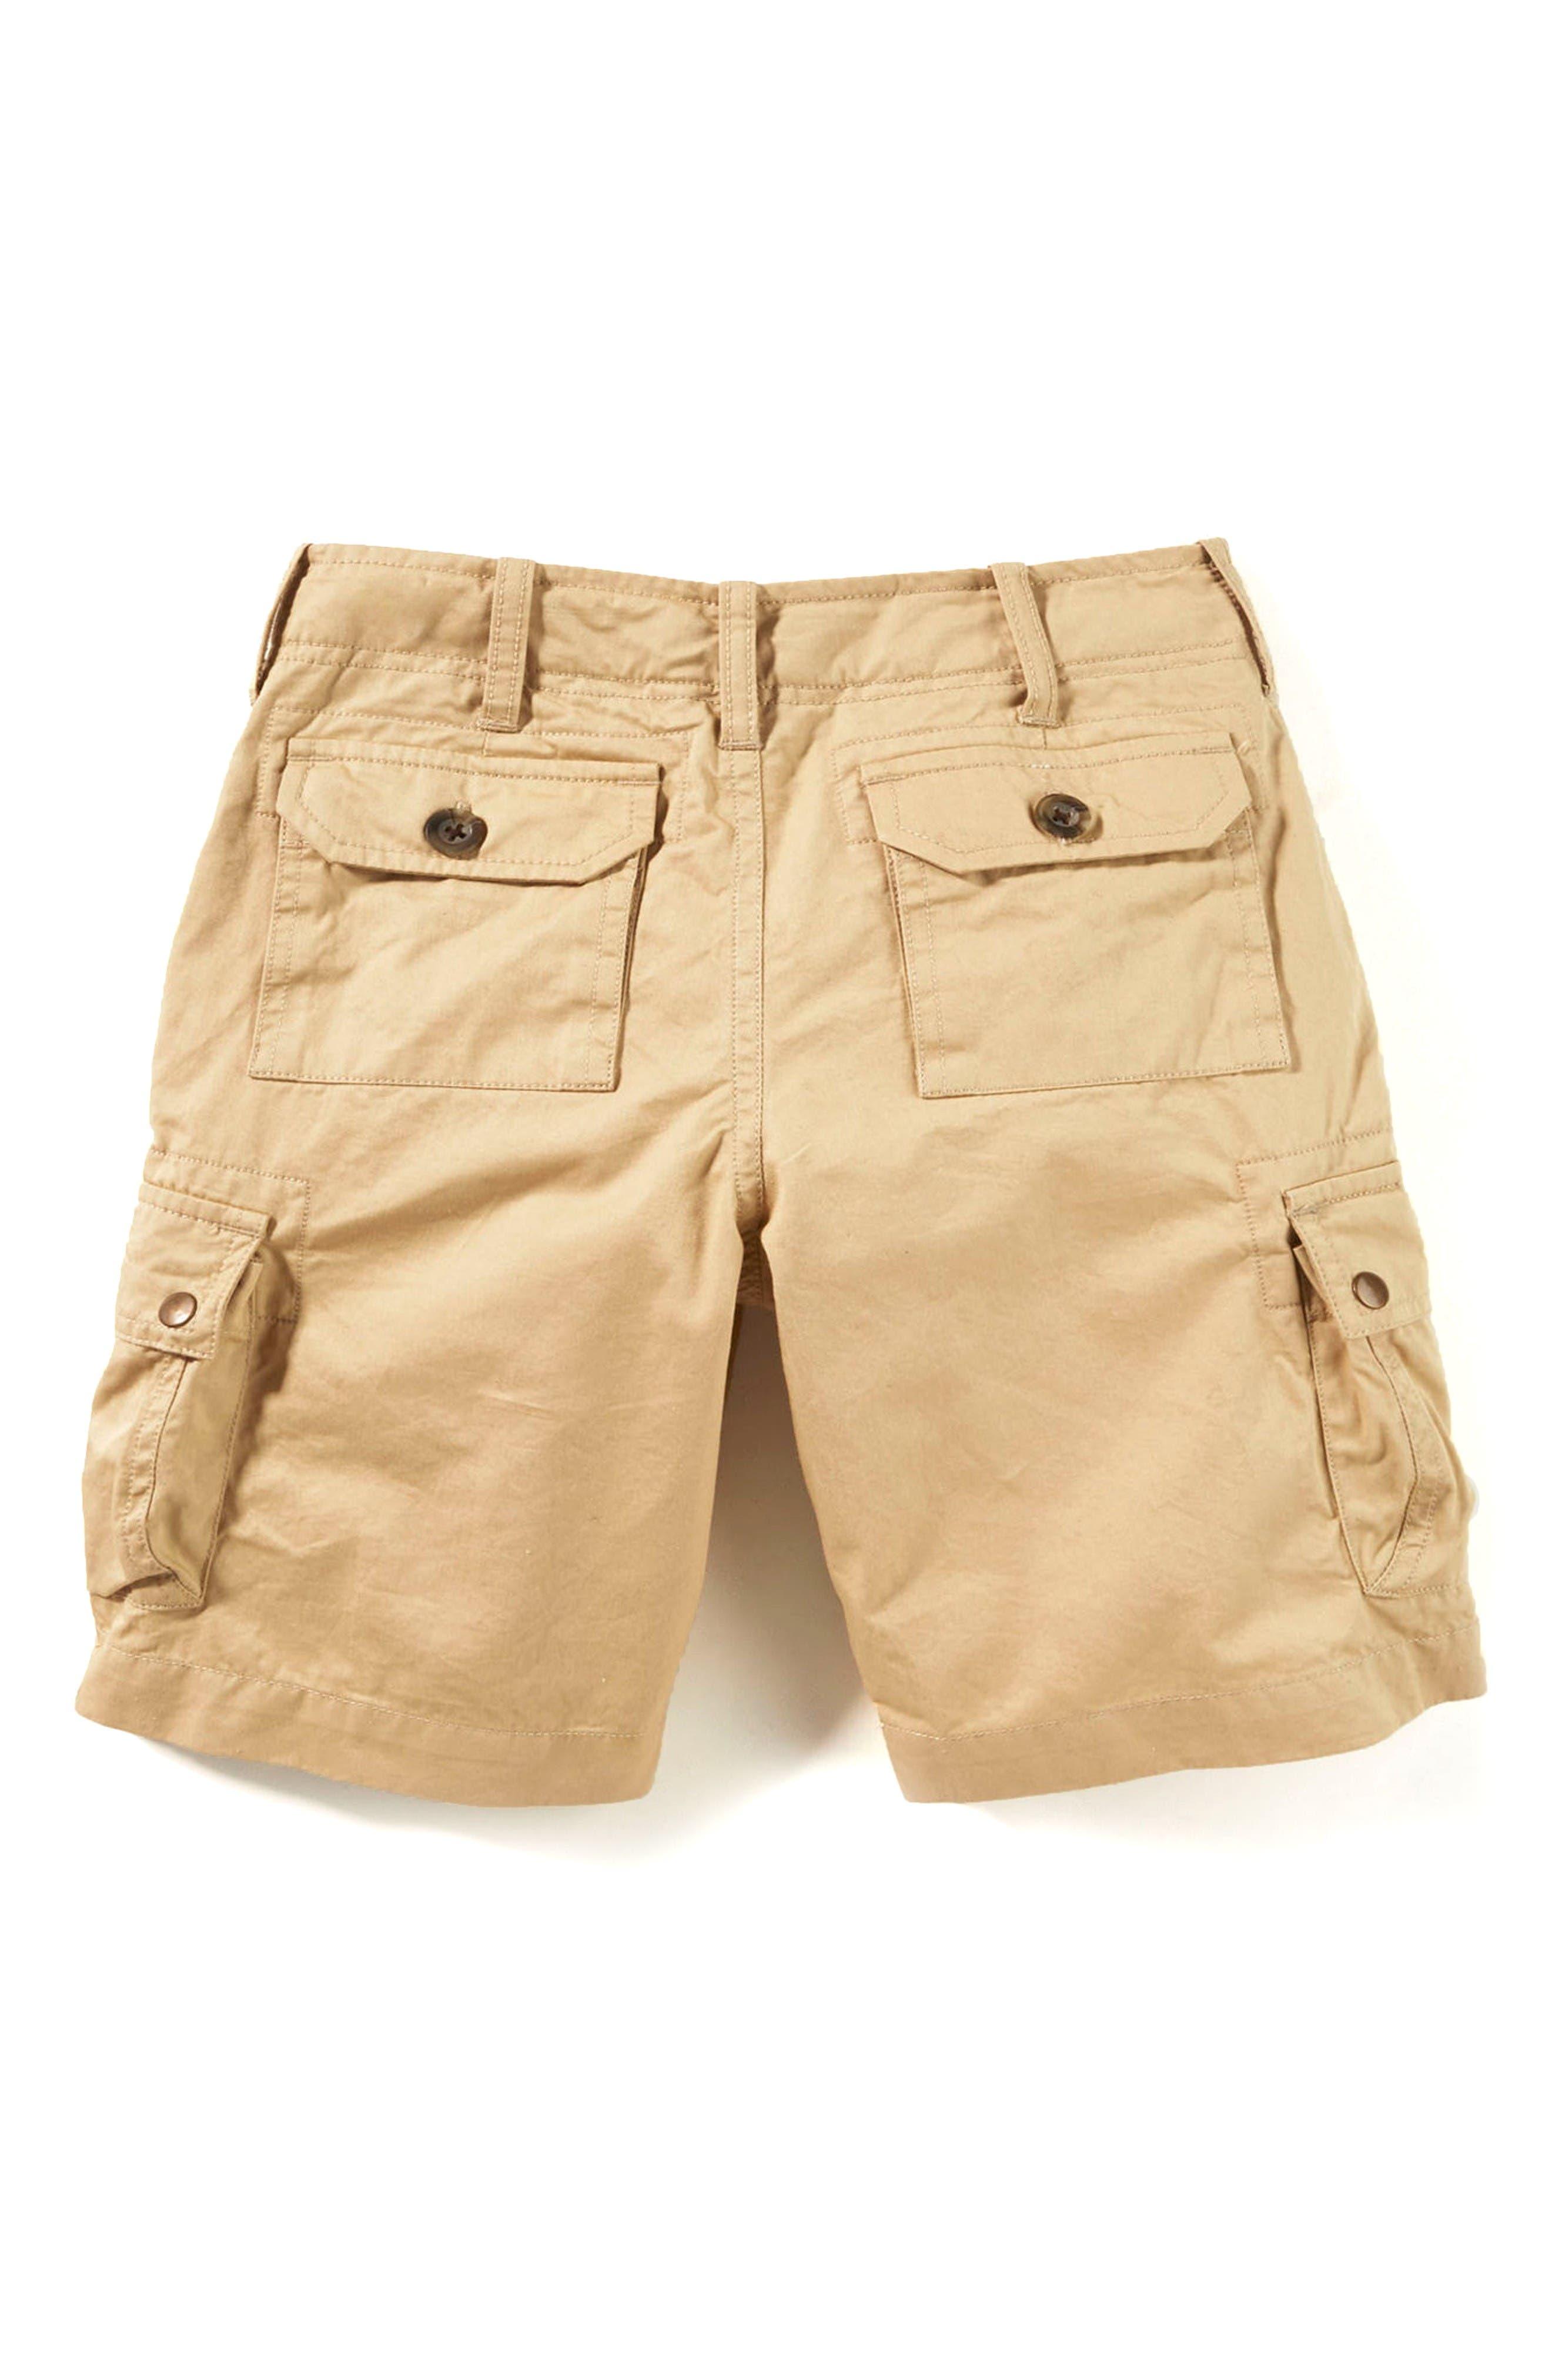 Cargo Shorts,                             Alternate thumbnail 2, color,                             Khaki